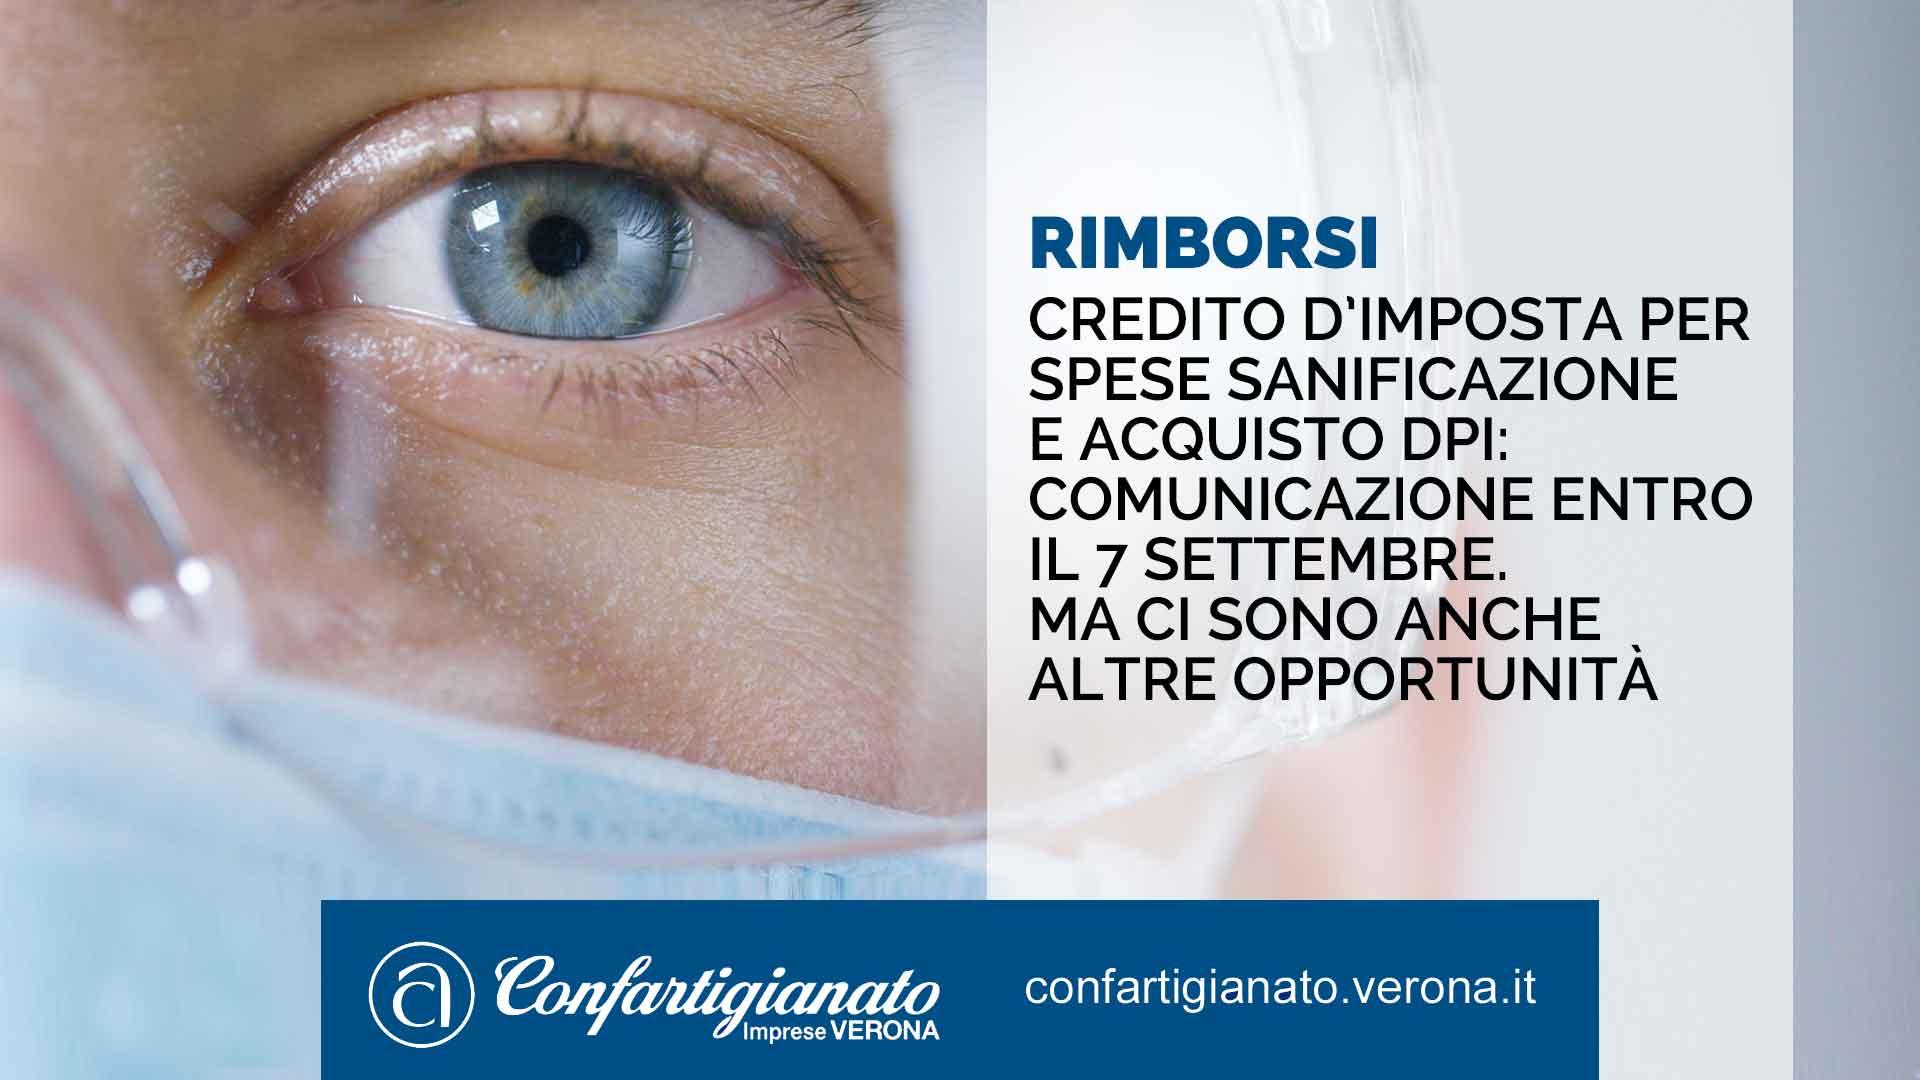 RIMBORSI – Credito d'imposta per spese di sanificazione e acquisto DPI: Comunicazione entro il 7 settembre. Ma ci sono anche altre opportunità